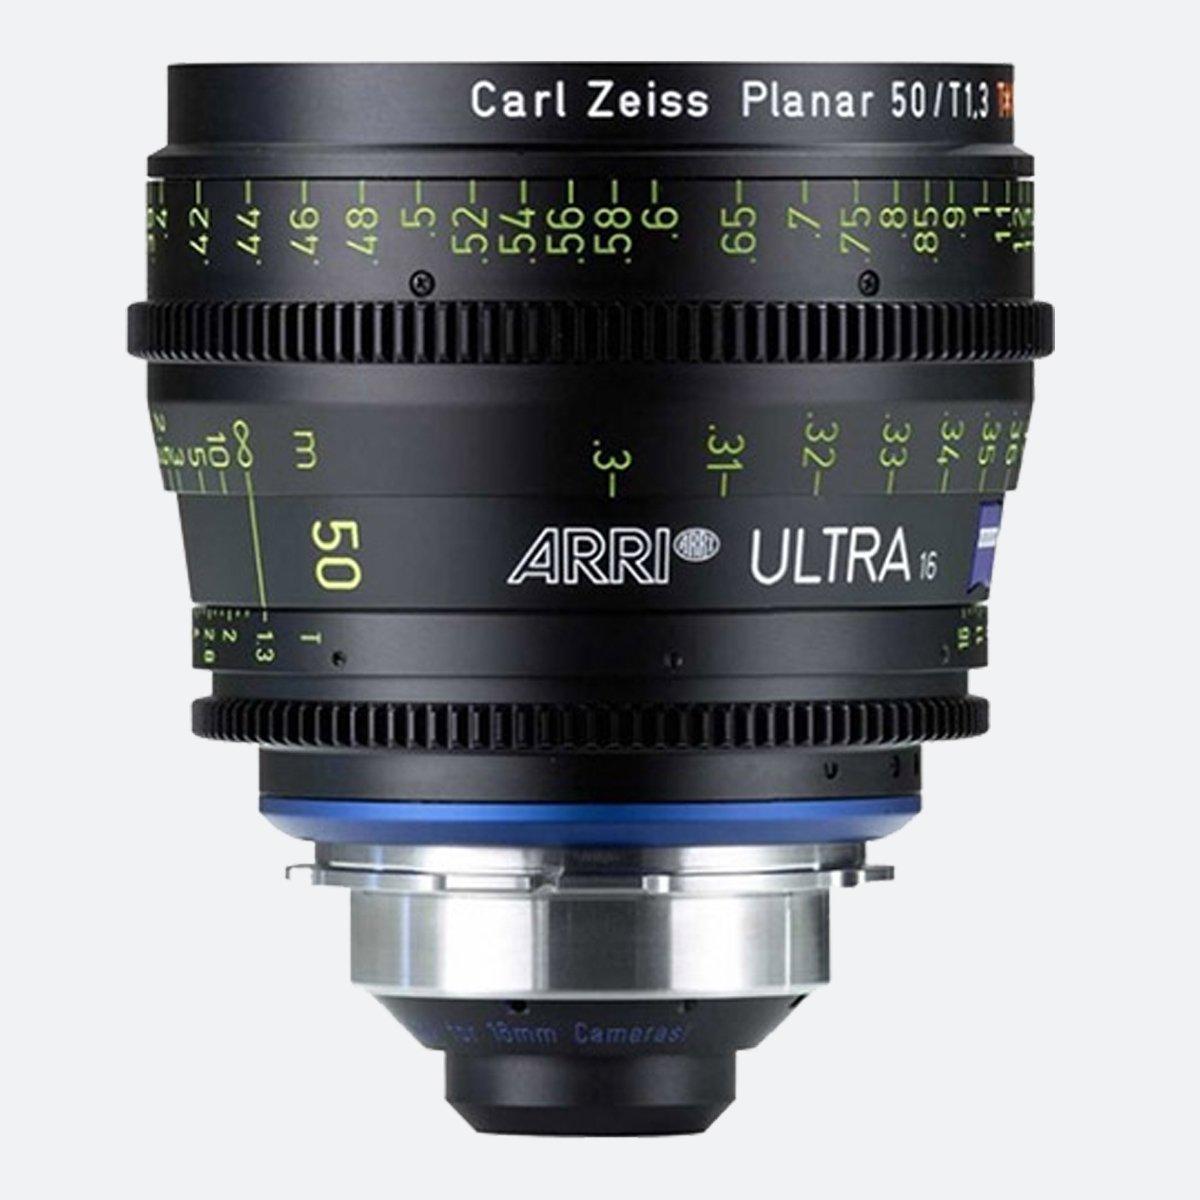 ARRI Ultra 16 T1.3 / 50 mm Prime Lens